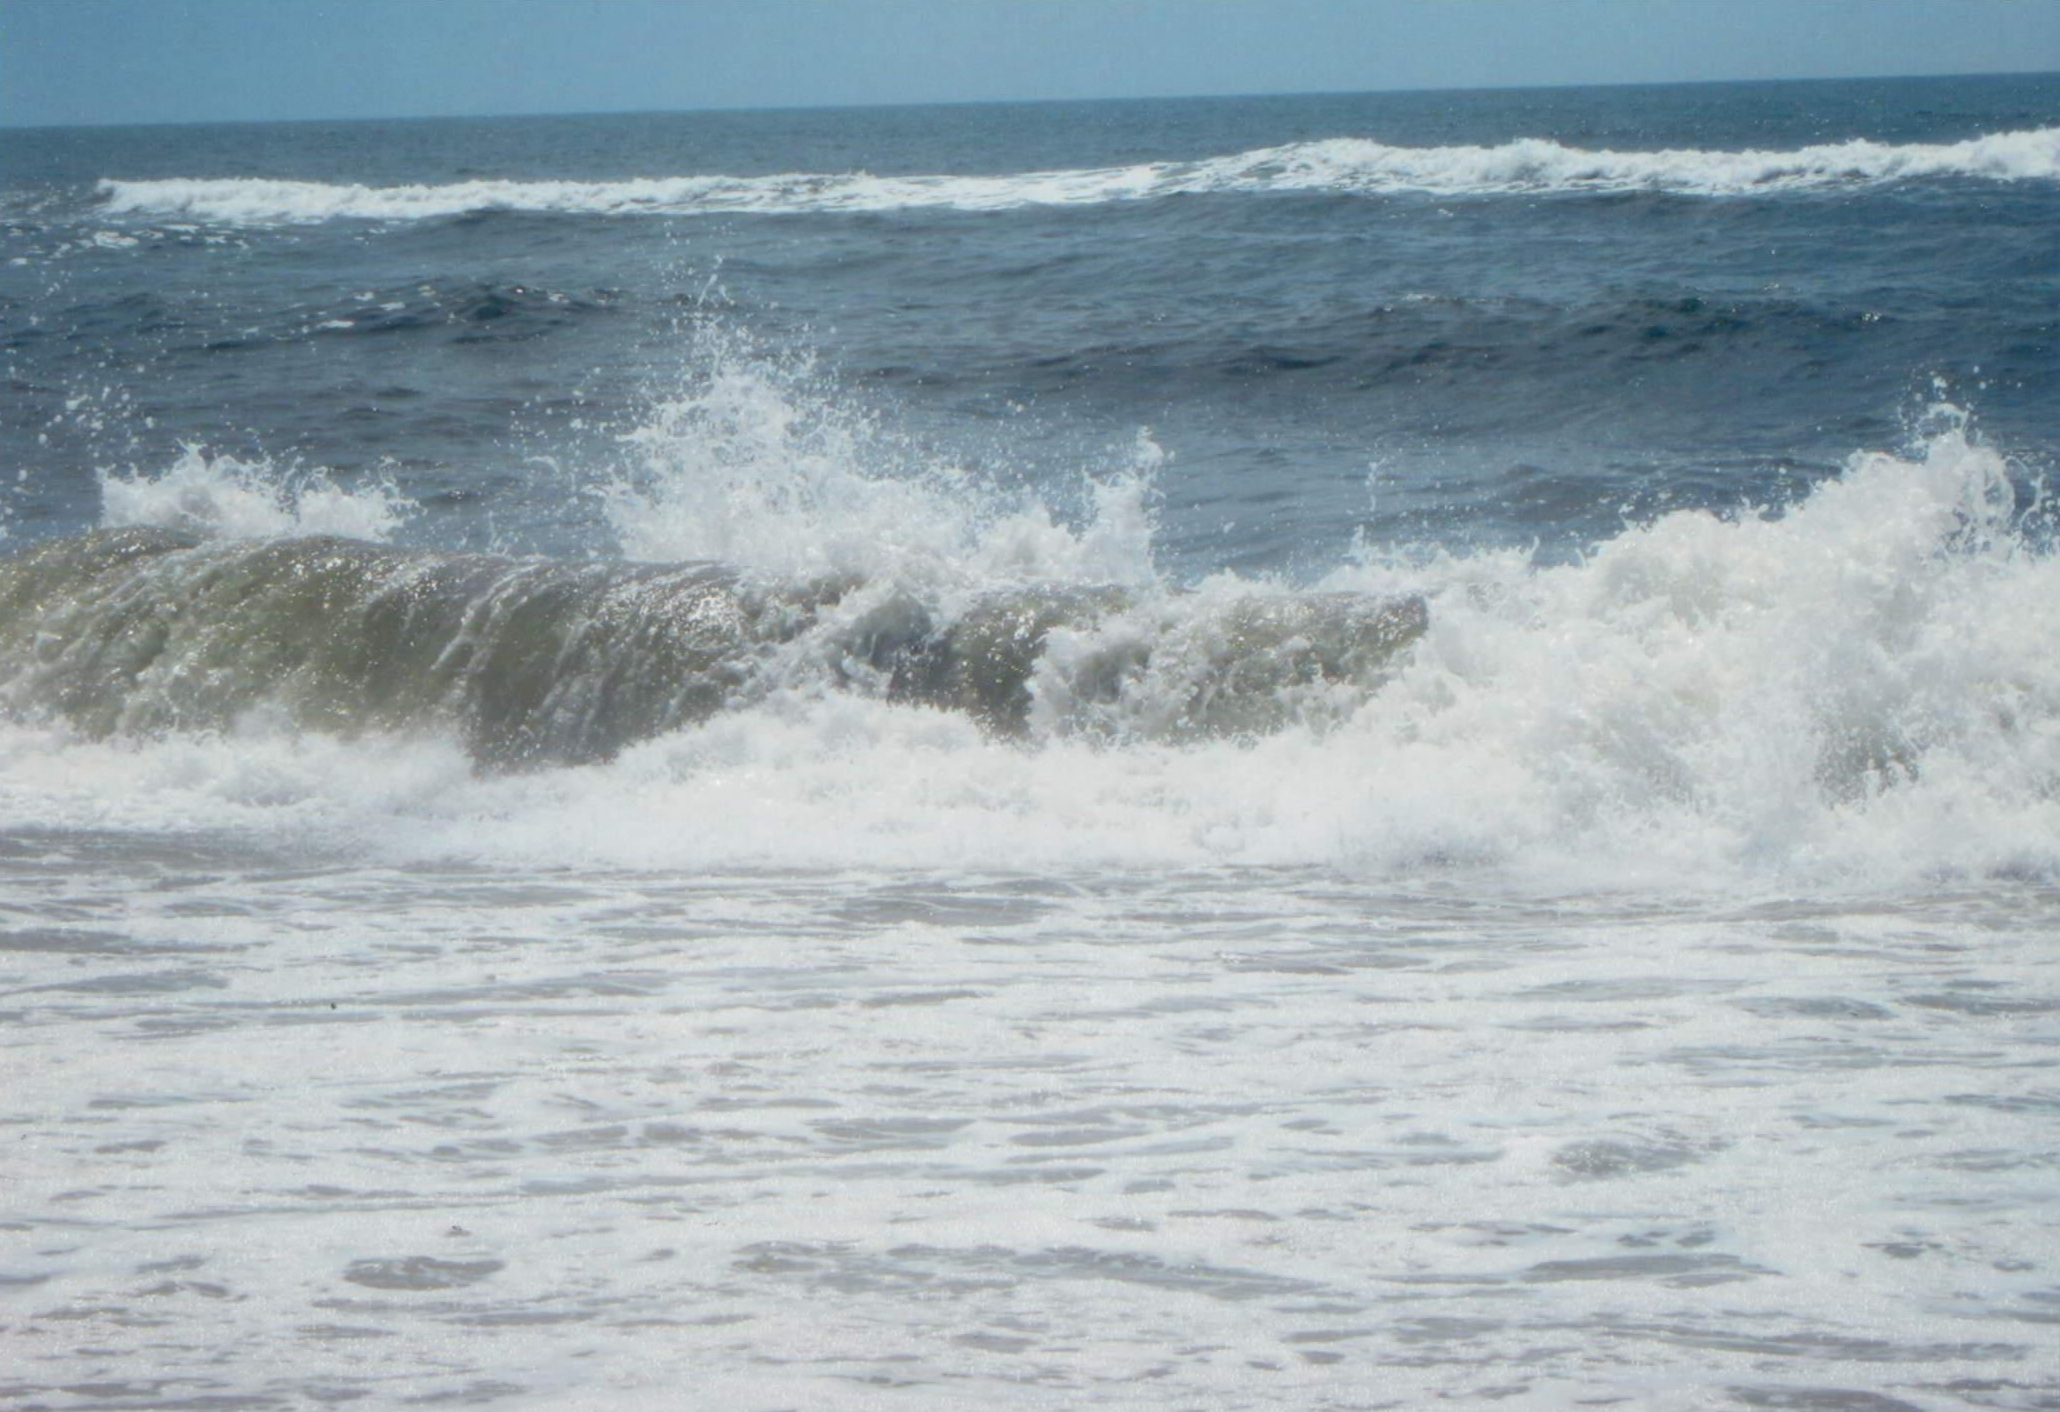 Nel mare, a volte quando portare fuori dall'acqua le conchiglie che sono belle specialmente i bambini le racolgono e sono felici di portarli a casa e conservali bene. DIO UNIVERSALE i da il messaggio di farvi capire che vi avete portato a casa cancro crostale dalle conchiglie. Se avete conchiglie nella casa buttatele. DIO UNIVERALE manda il miracolo della guarigione per l'eternità.